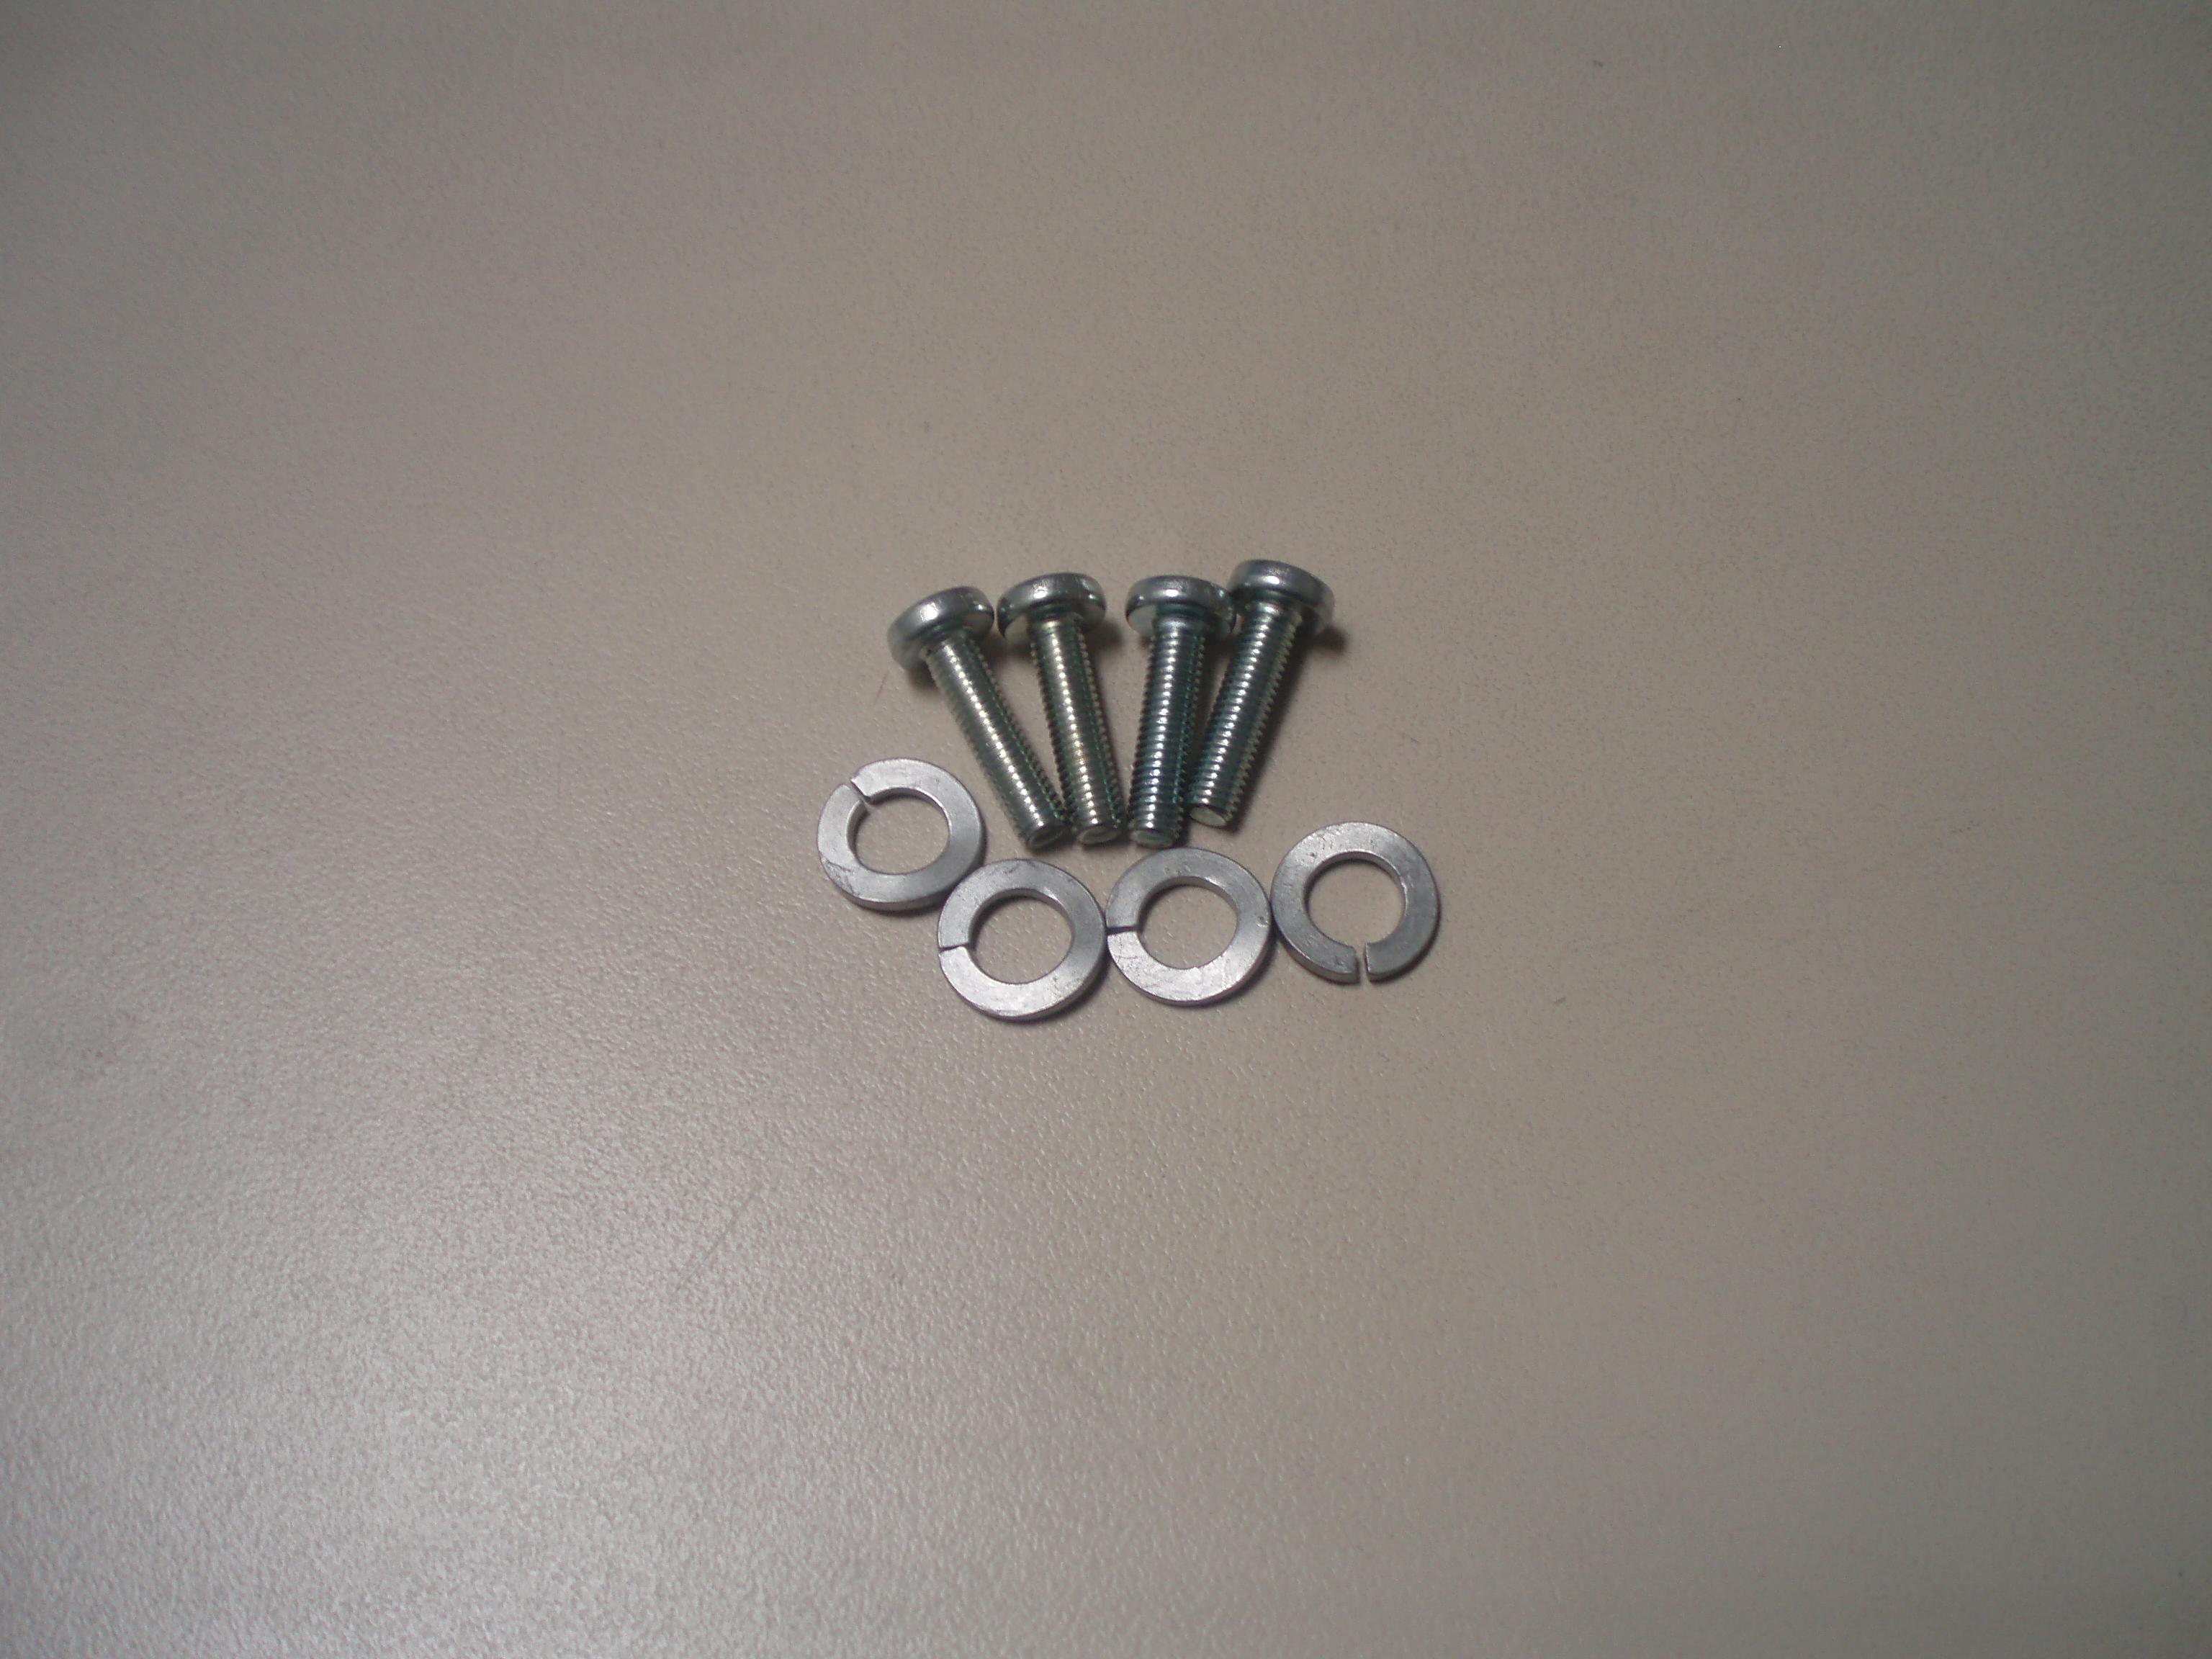 Kit de 4 vis ED0097900390-S + 4 rondelles ED0076250080-S pour lanceur LOMBARDINI ED0014710690-S